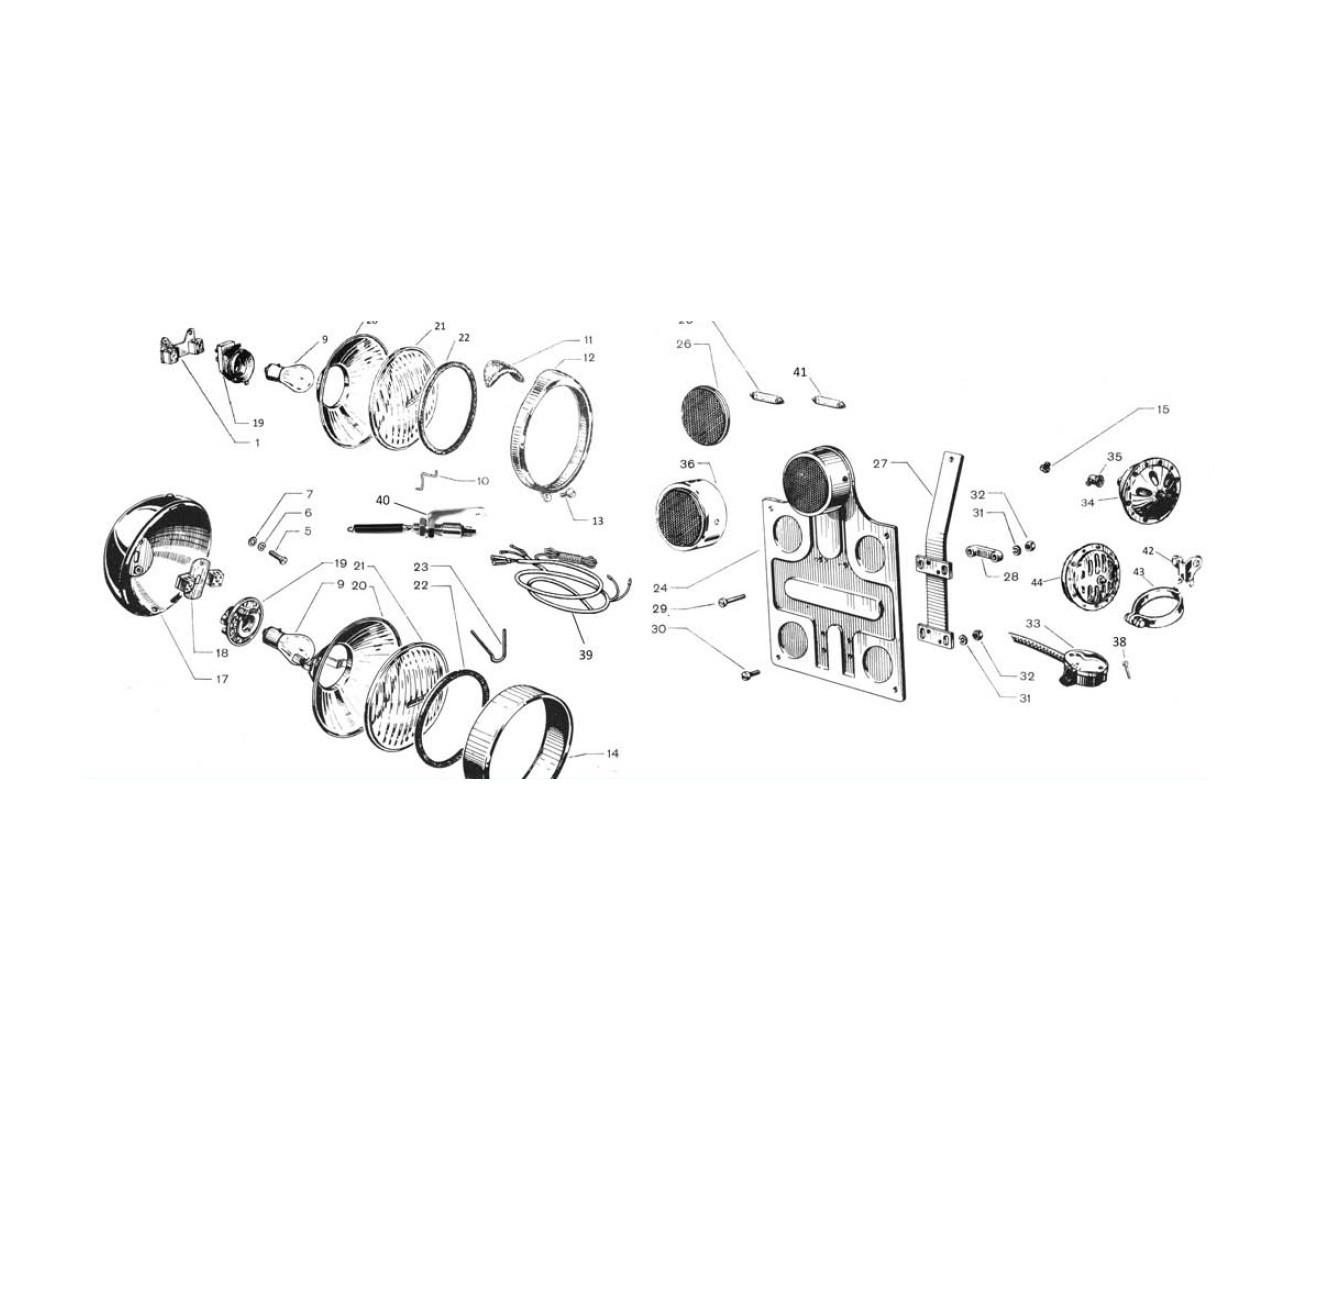 Apparecchiature elettriche e portatarga (Tav.21)